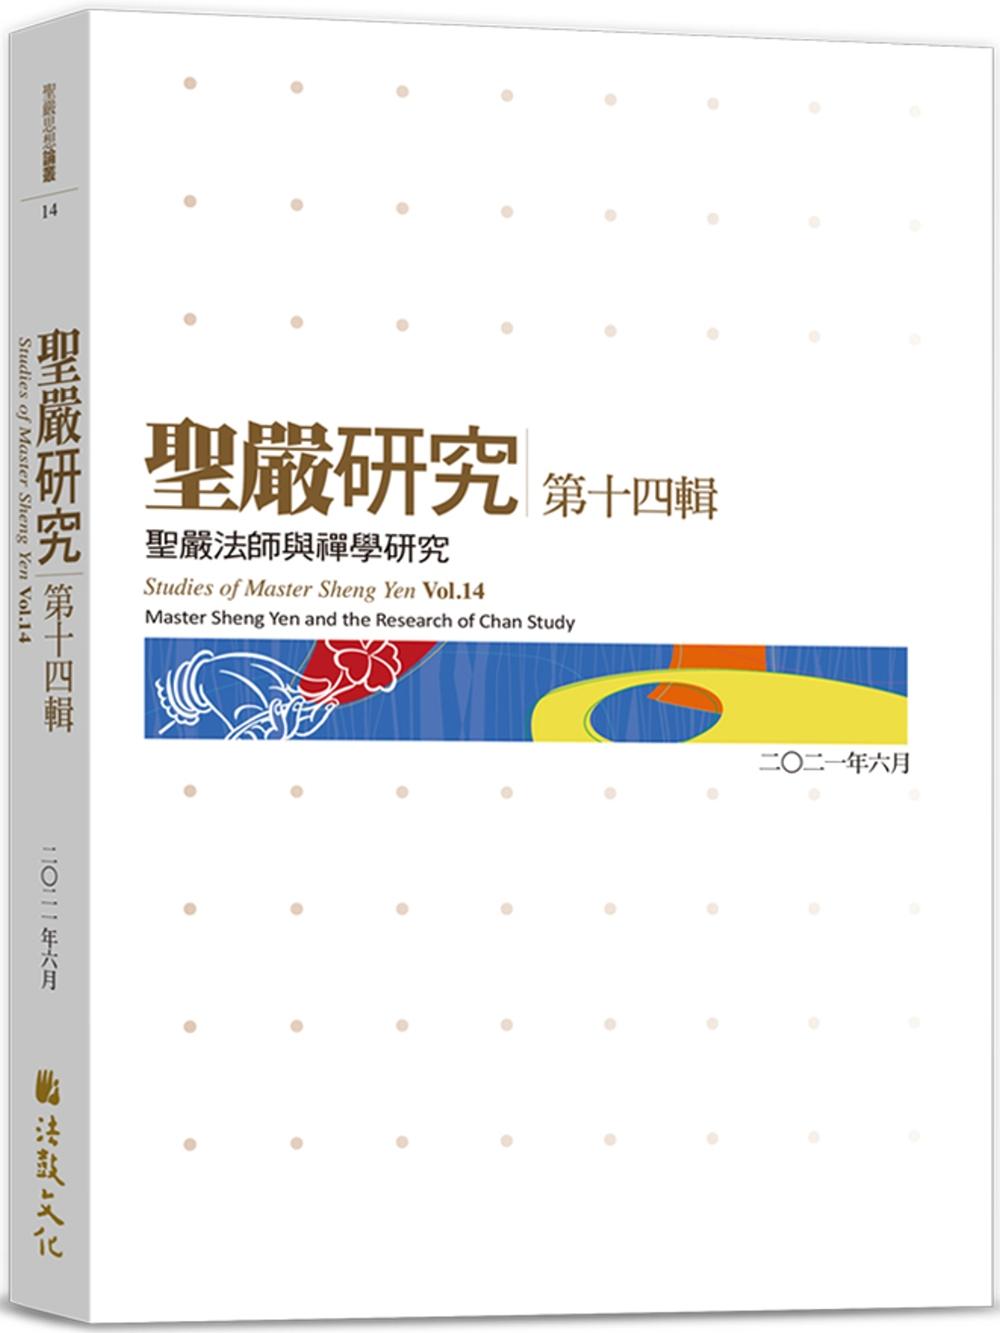 聖嚴研究第十四輯:聖嚴法師與禪...